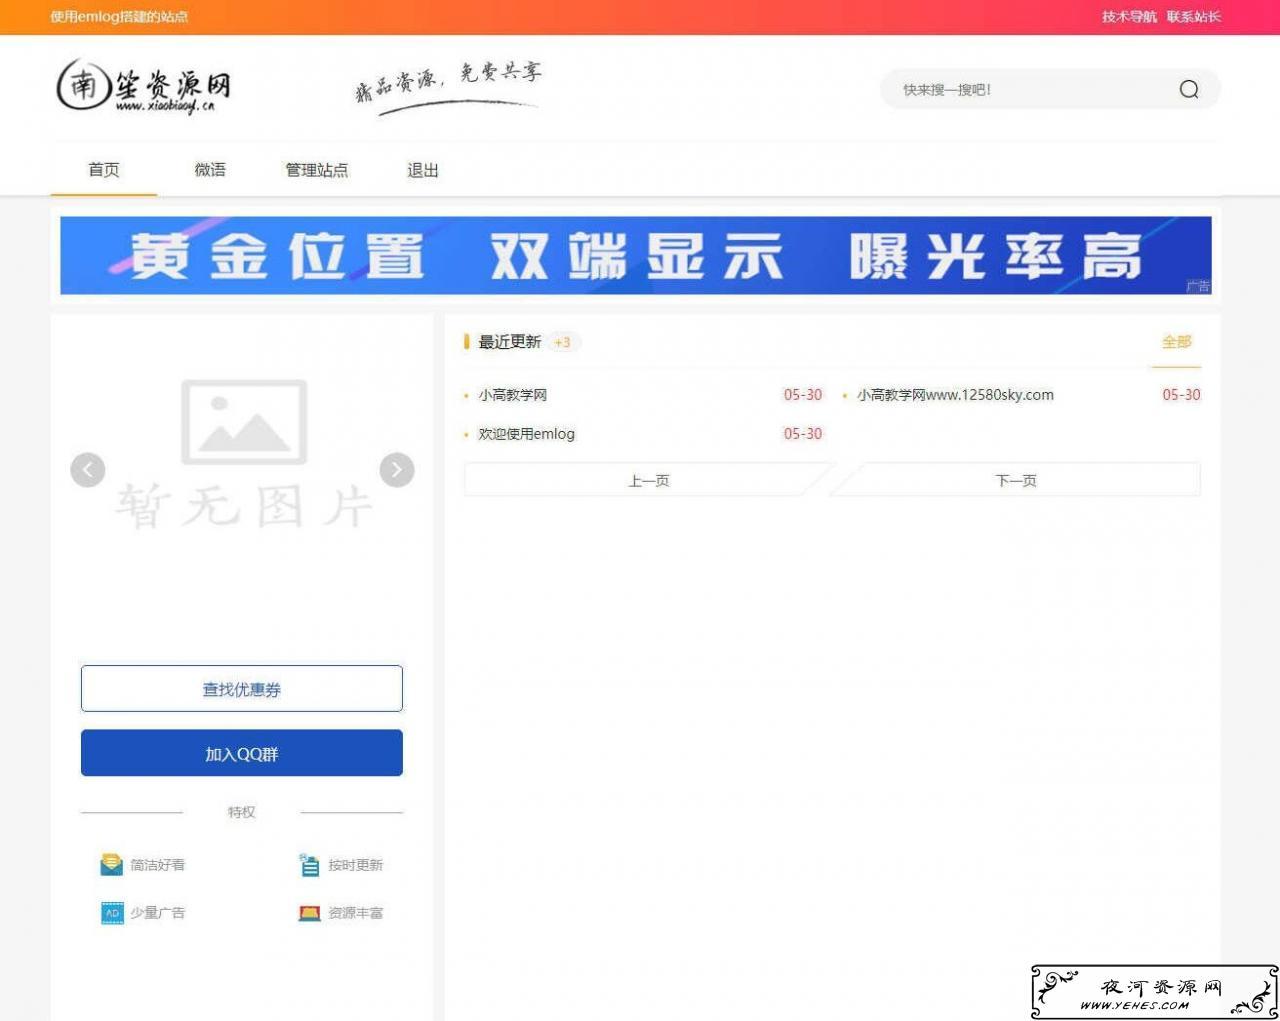 emlog程序南笙资源网最新模板下载